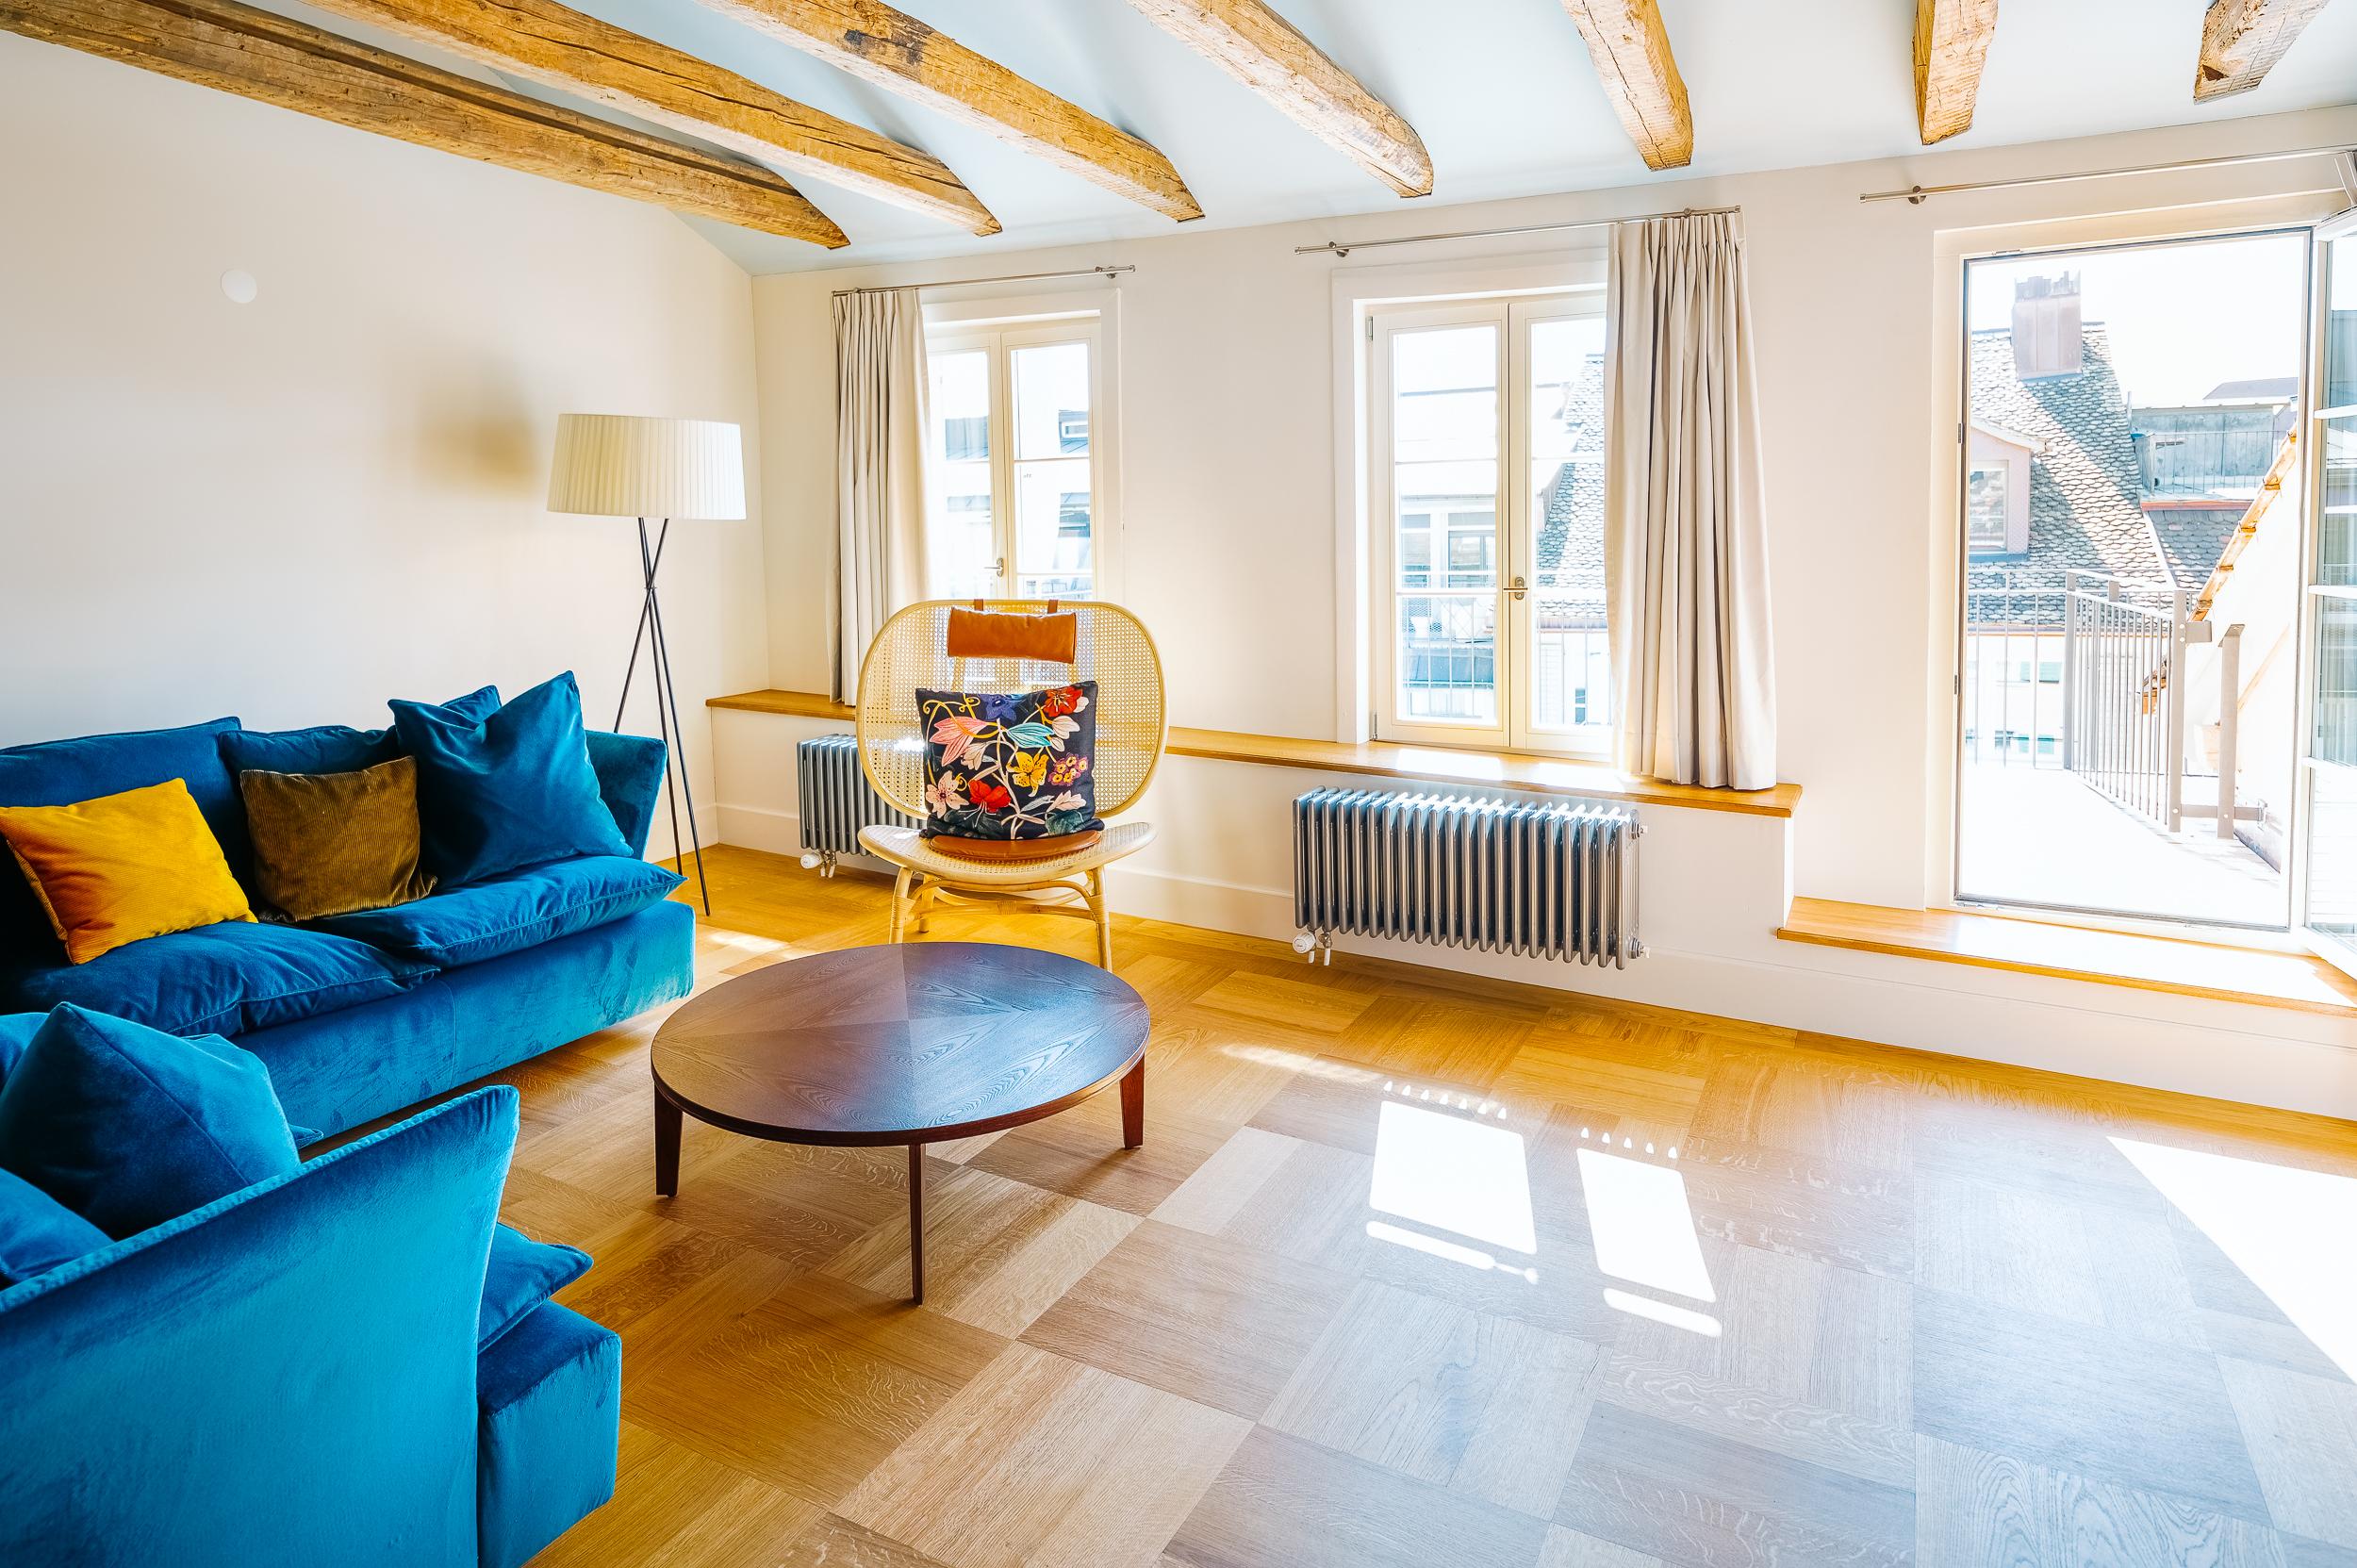 2020-04-06-storchen-apartments-11